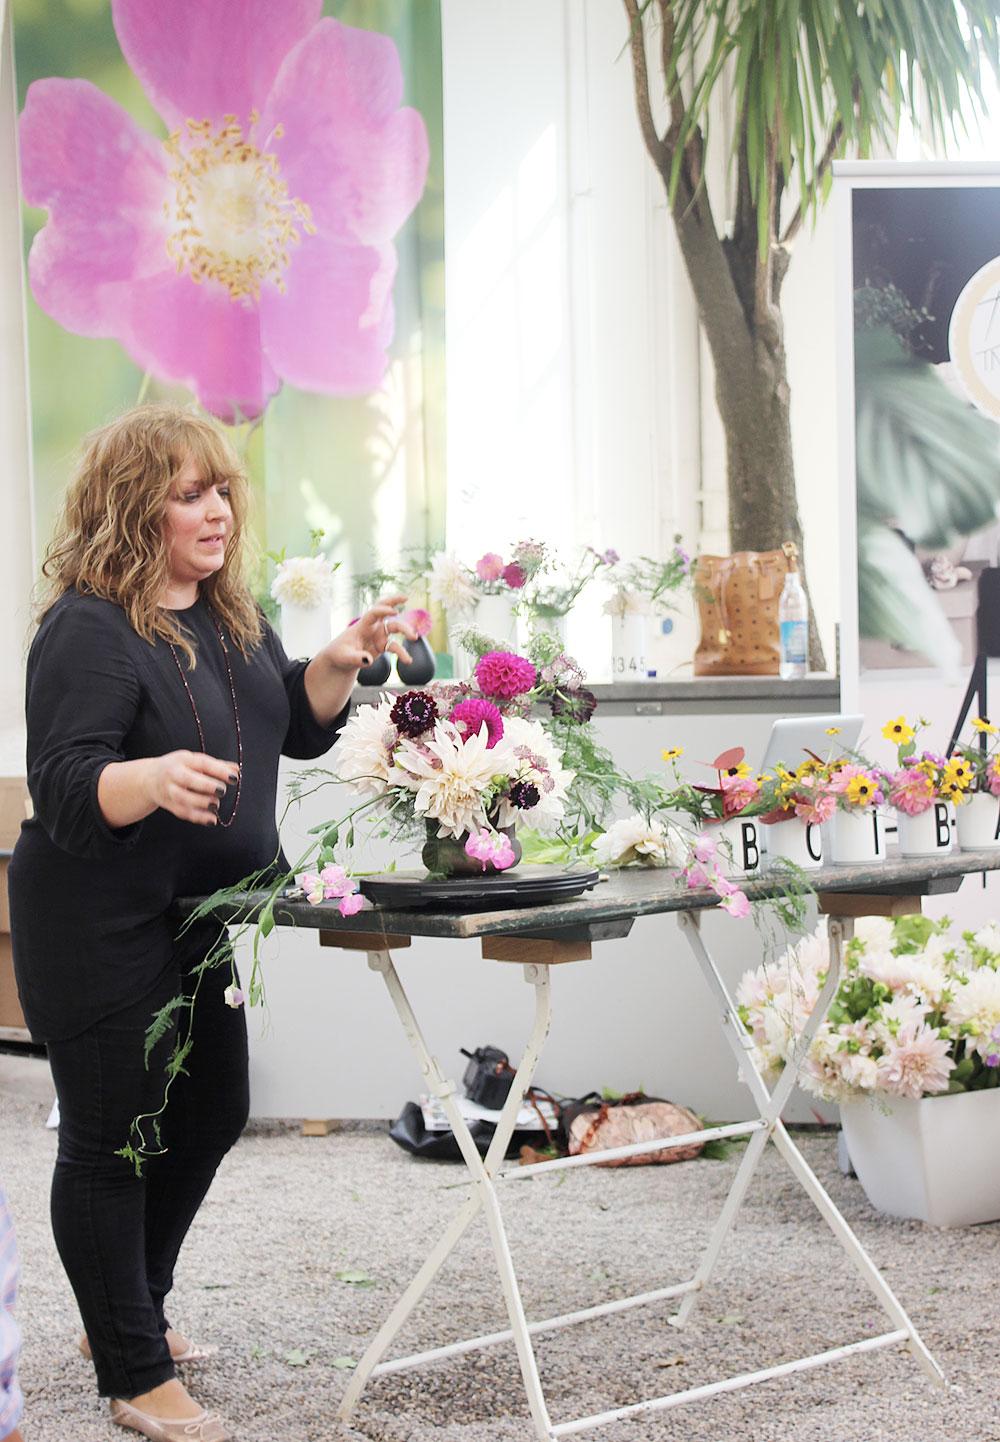 Blumenworkshop bei Callwey mit Anastasia Benko